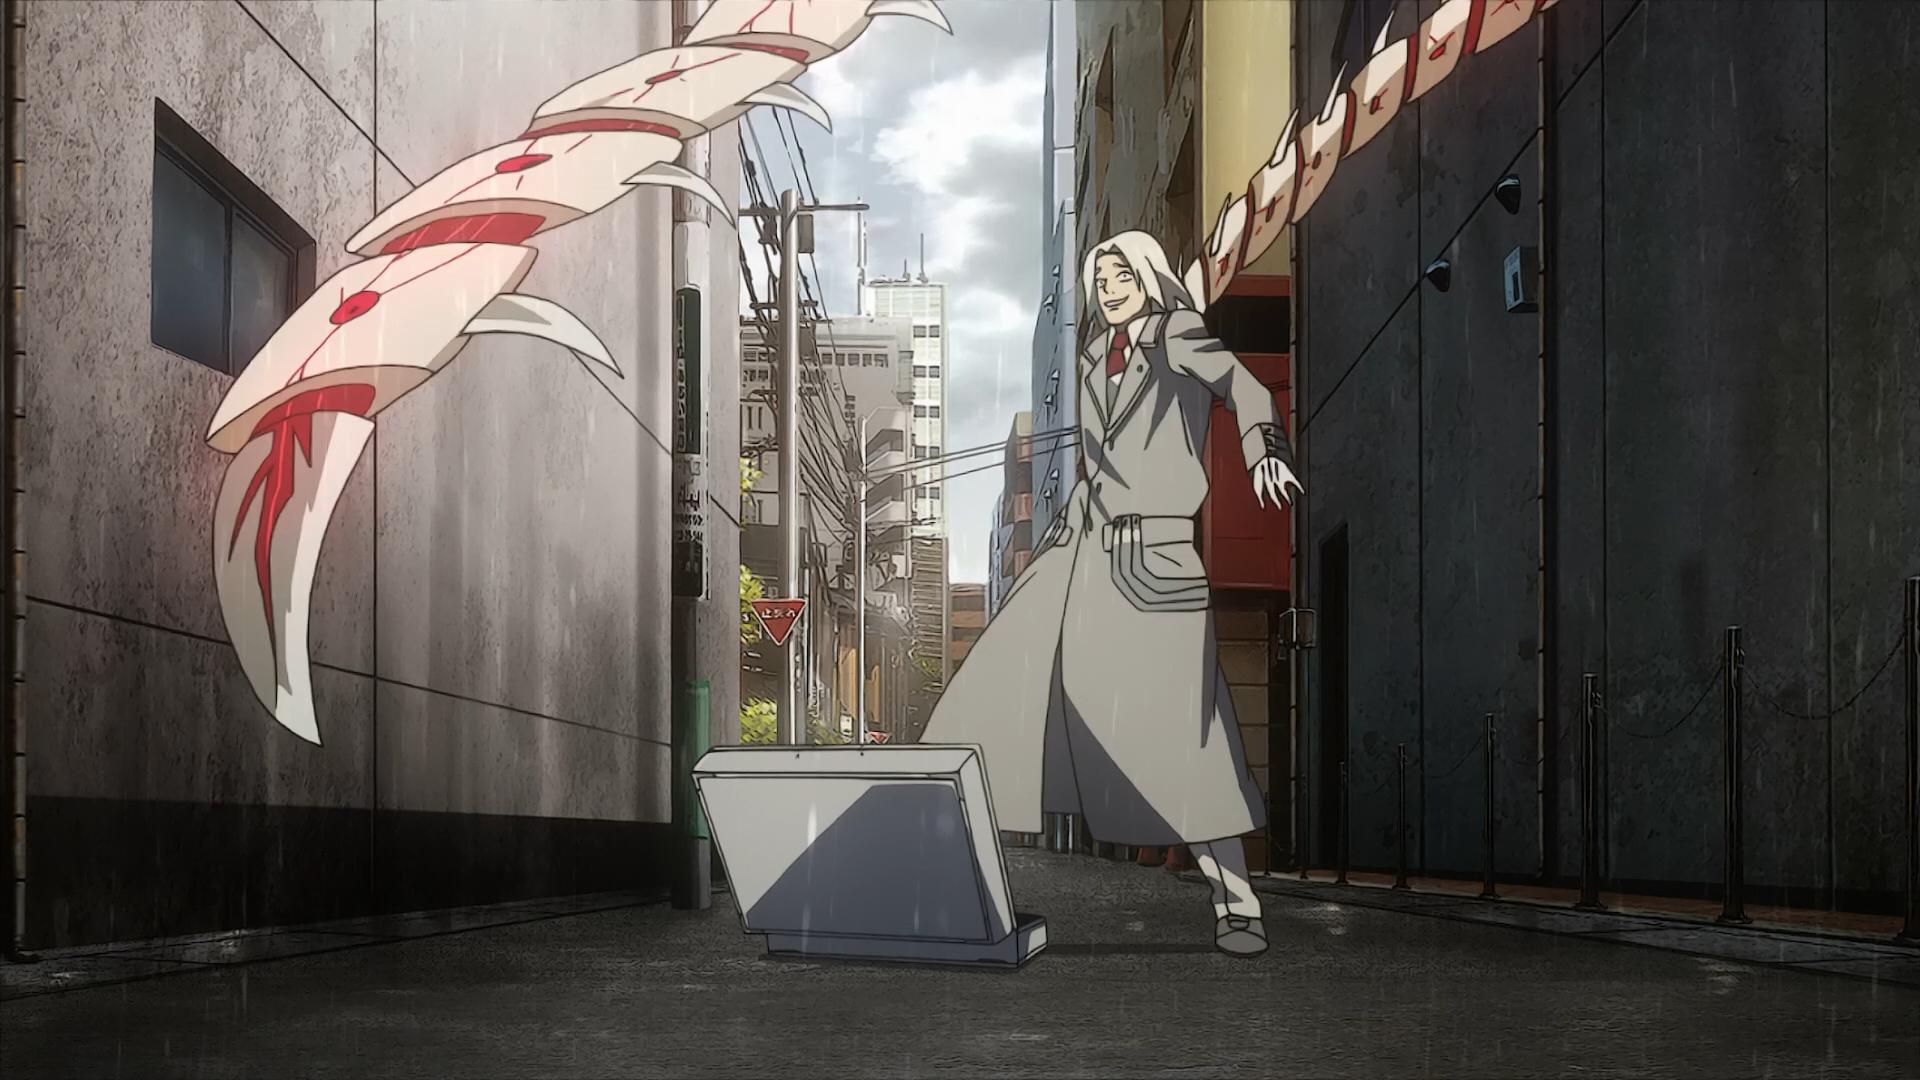 Datei:Kureo taking out Fueguchi One.png